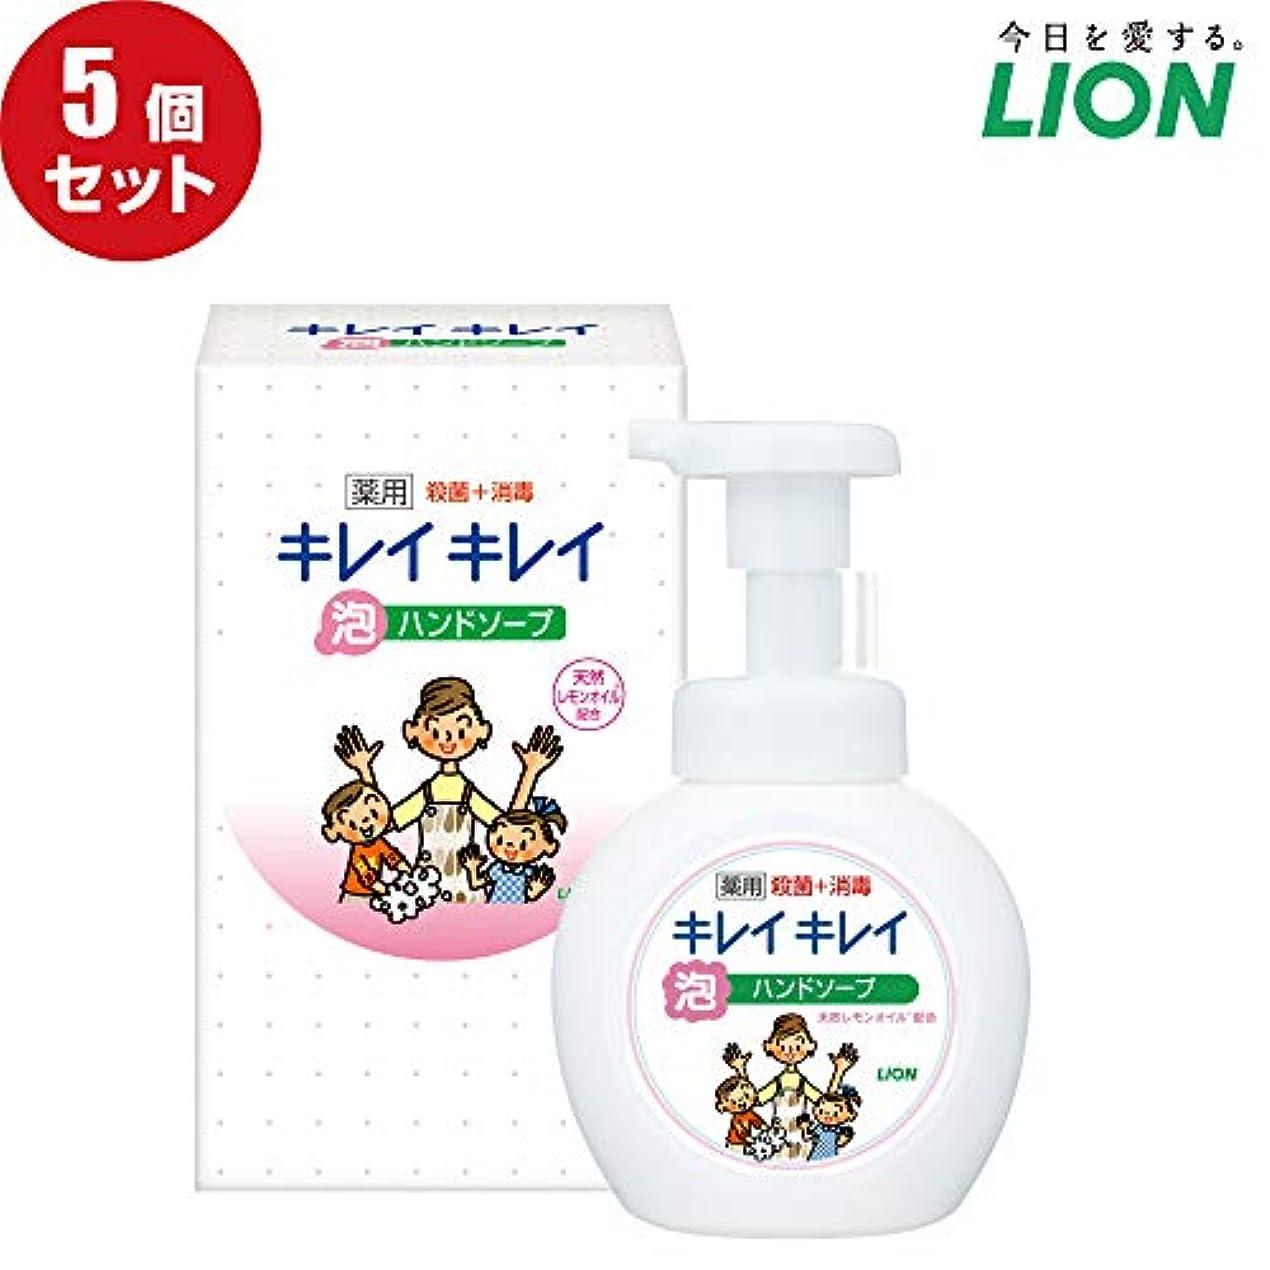 使い込む最悪以下【5個セット】LION キレイキレイ薬用泡ハンドソープ250ml ノベルティギフト用化粧箱入